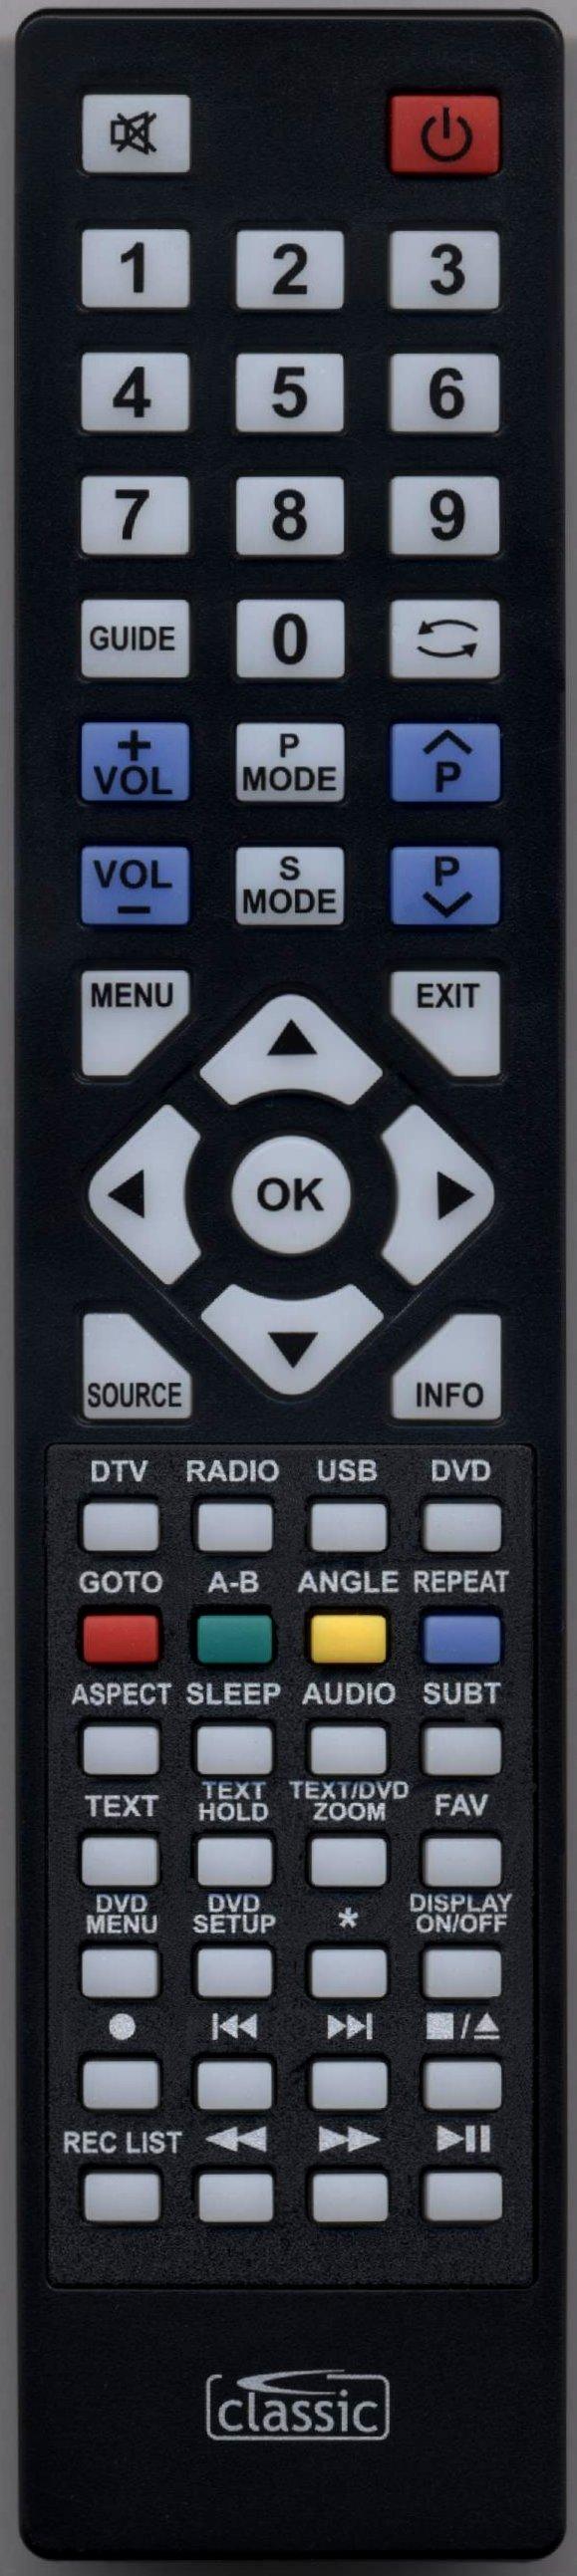 Blaupunkt 32/233I-GB-5B2-HKDUP Remote Control